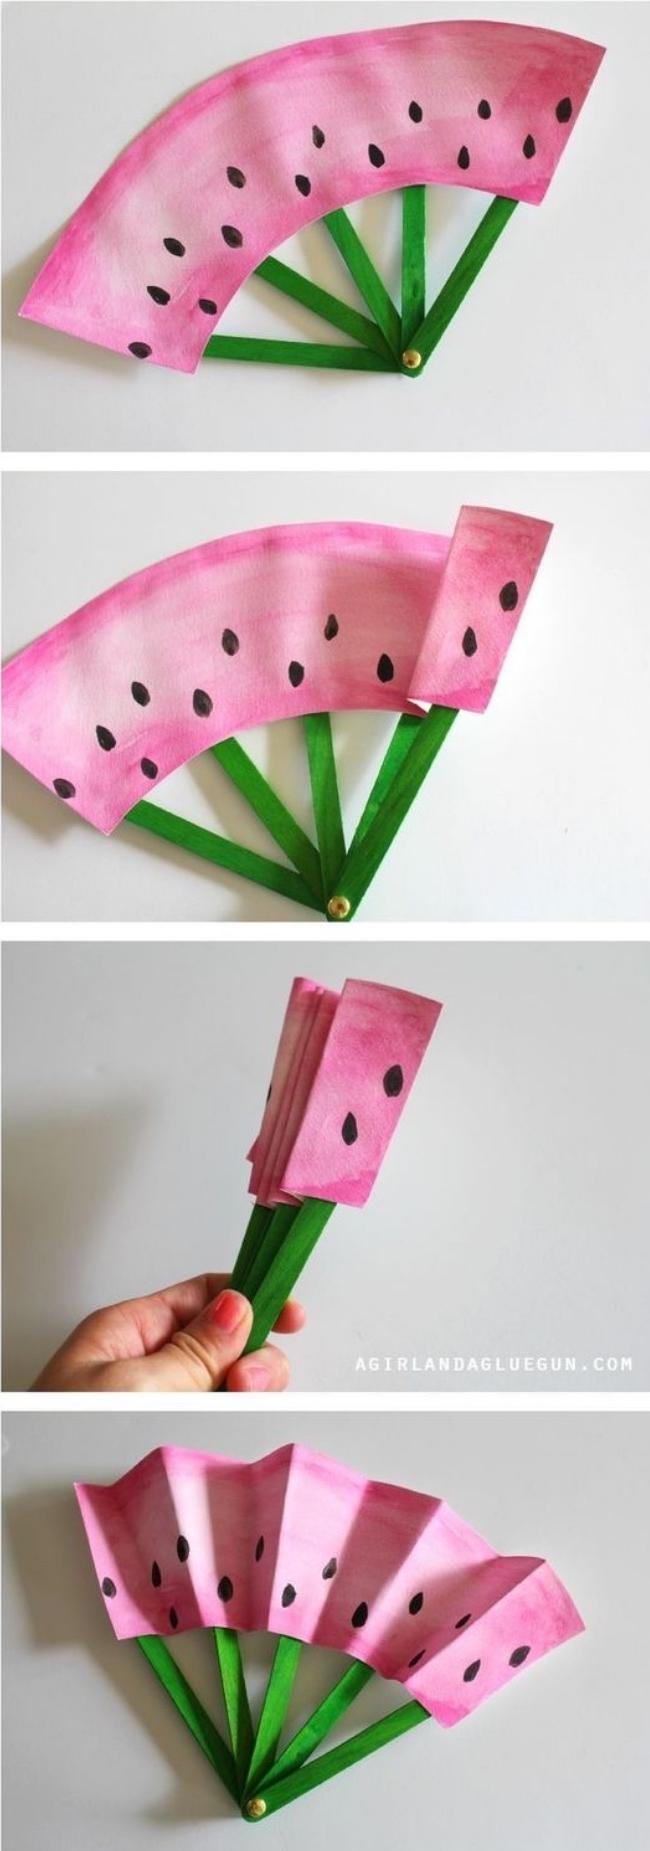 idée pour faire un éventail soi meme, plier le papier en accordéon, décoré à motifs pastèque, des batonnets de glace, bricolage enfant, activité manuelle primaire